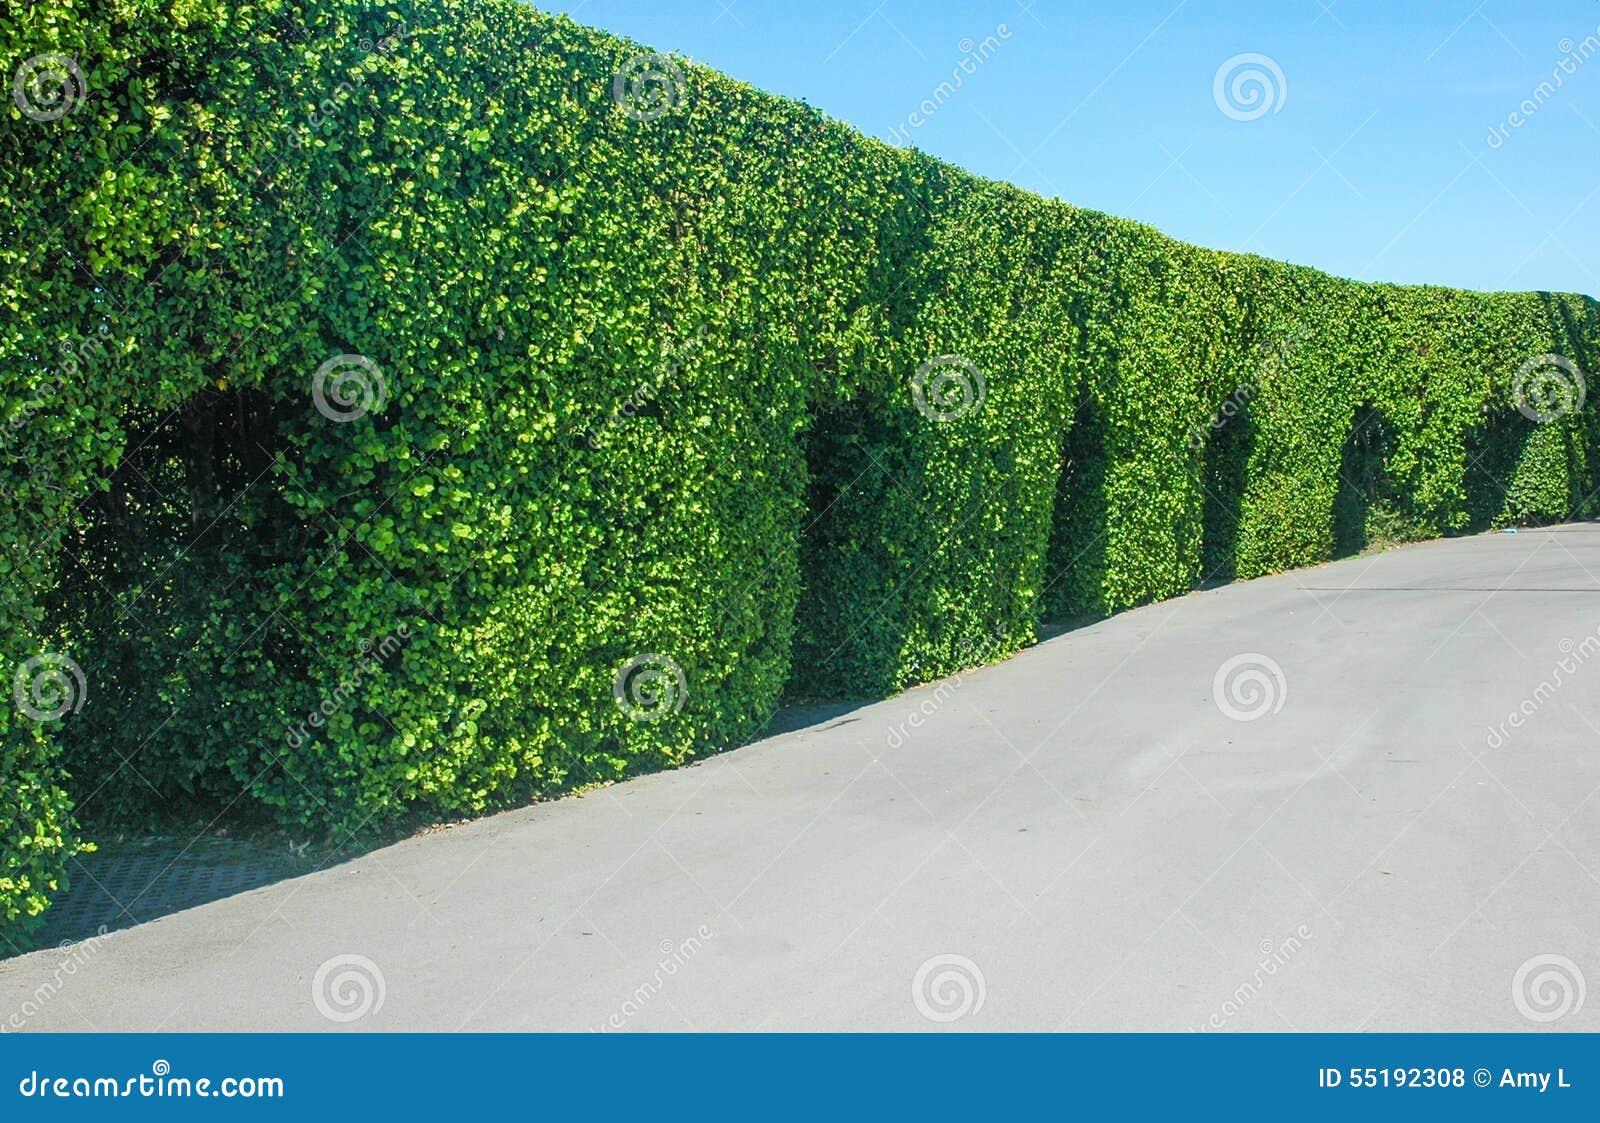 Grüne Baumgartenlandschaft im Freien